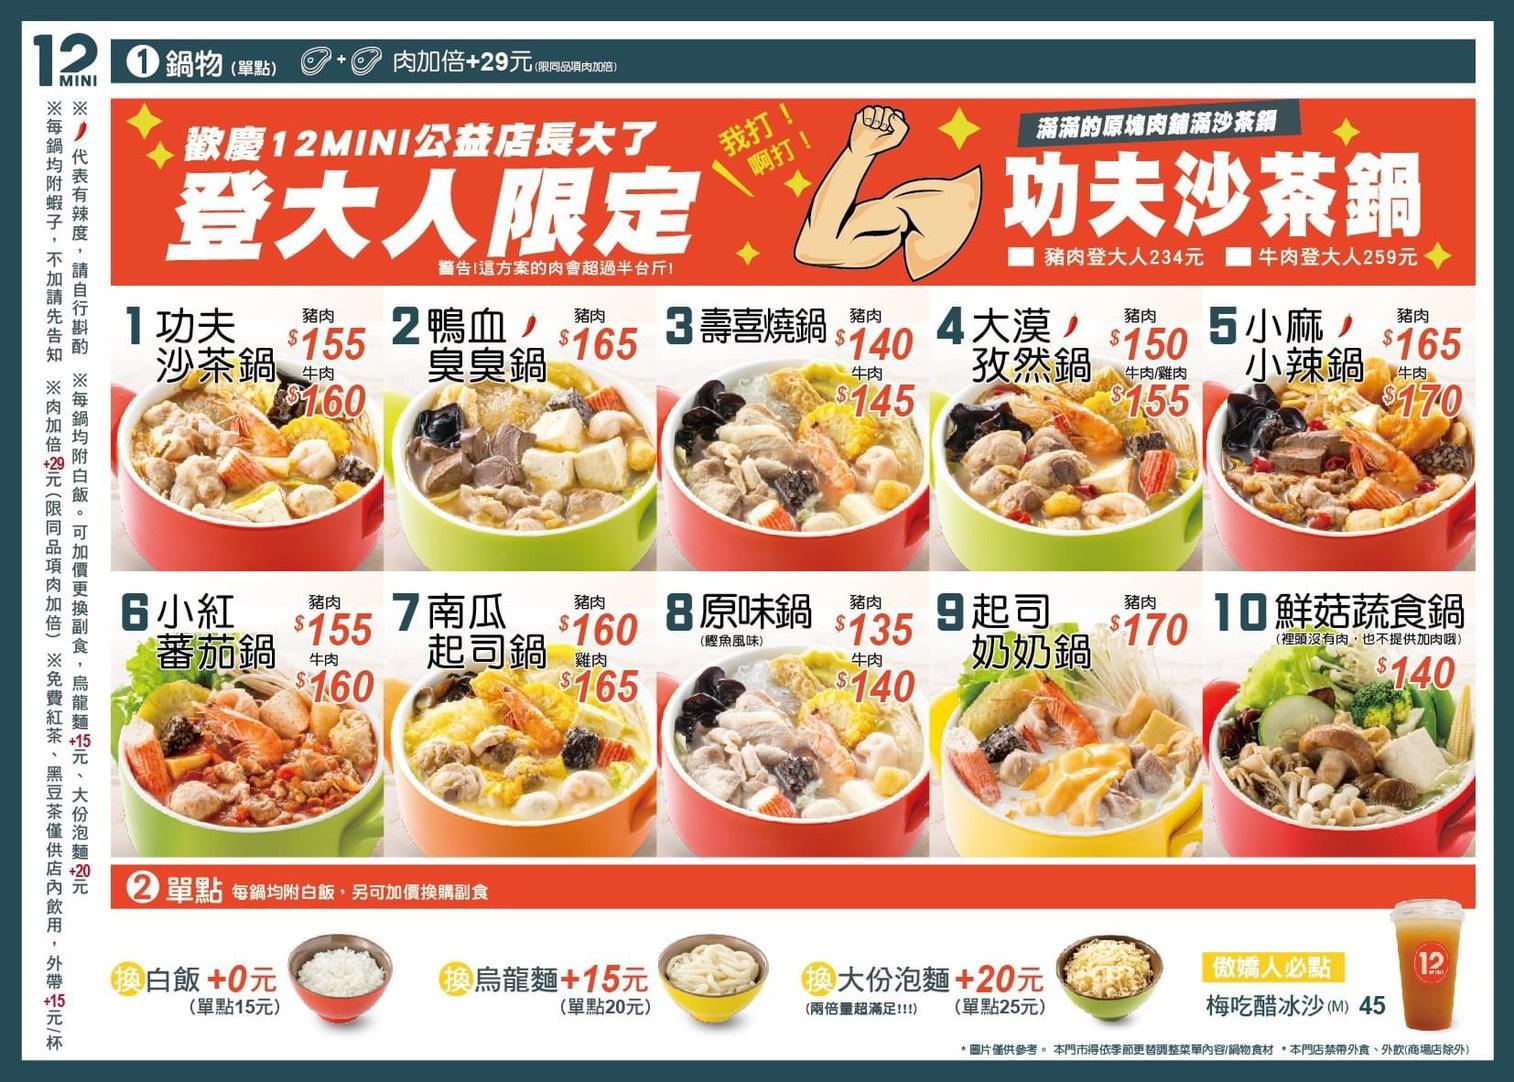 12mini台中公益店 菜單